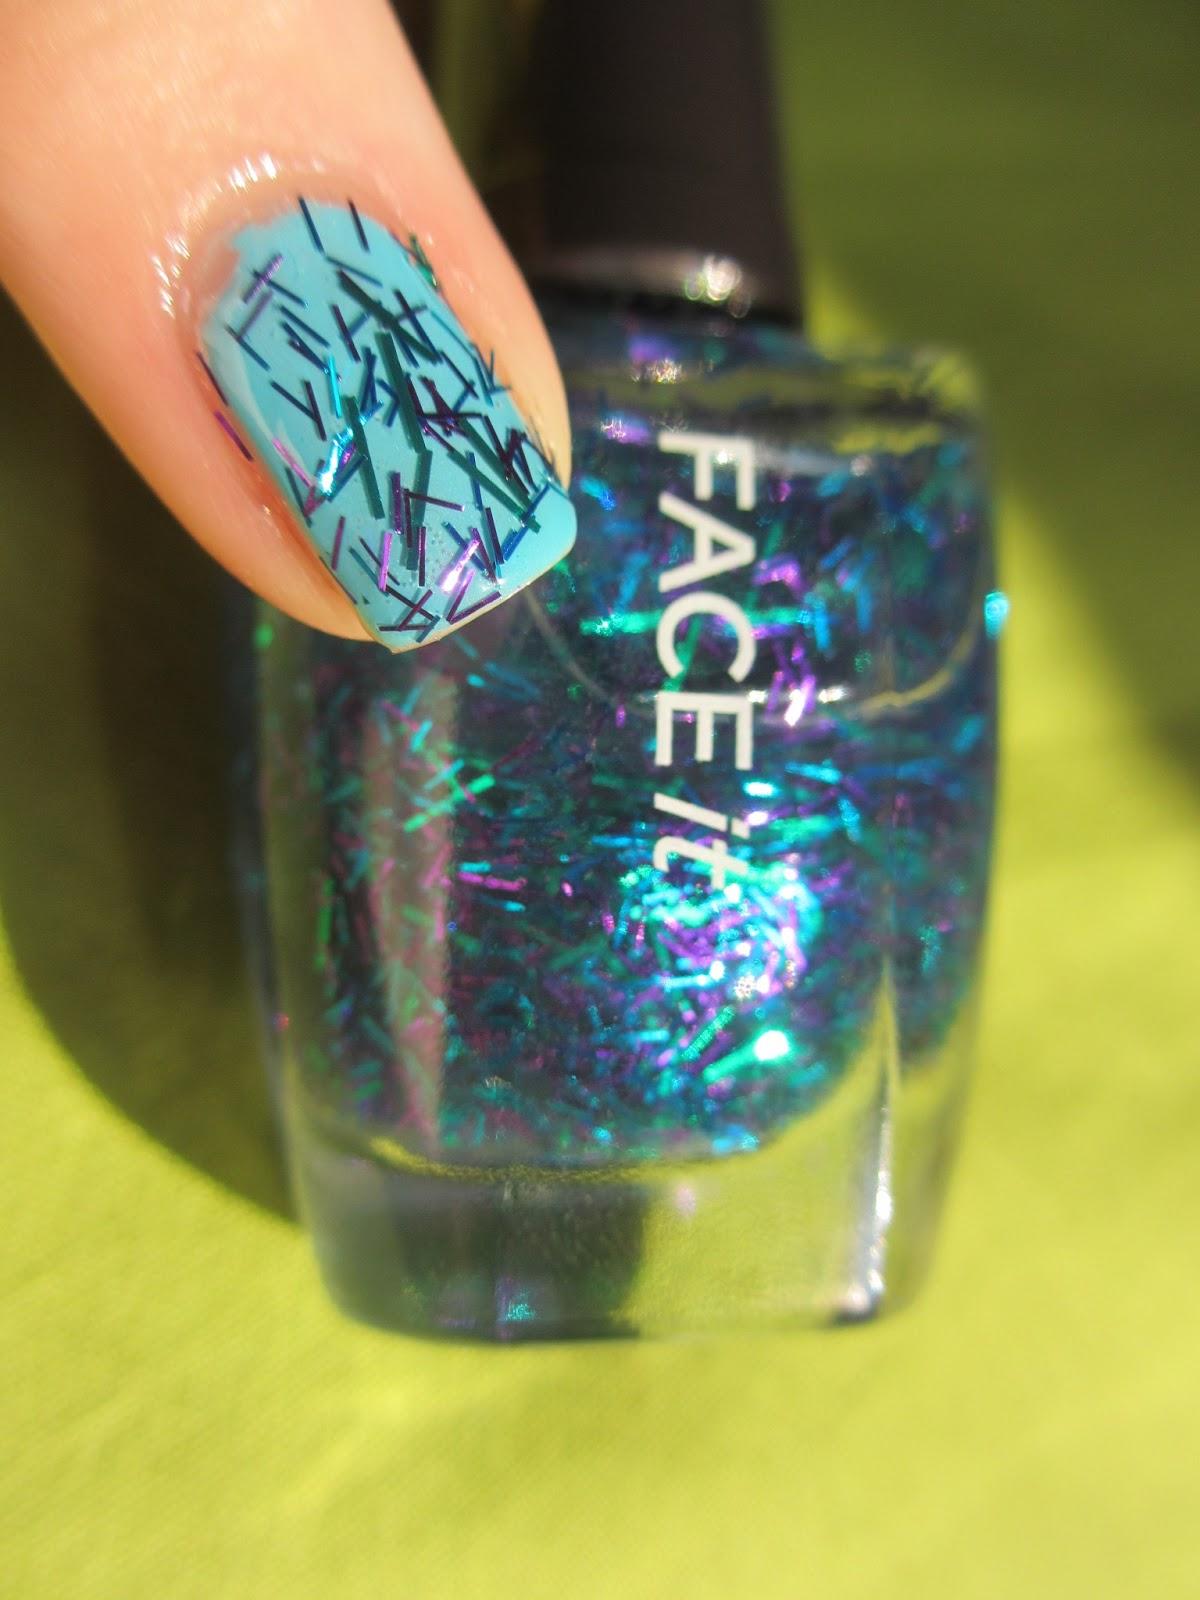 face shop festival nails bl601